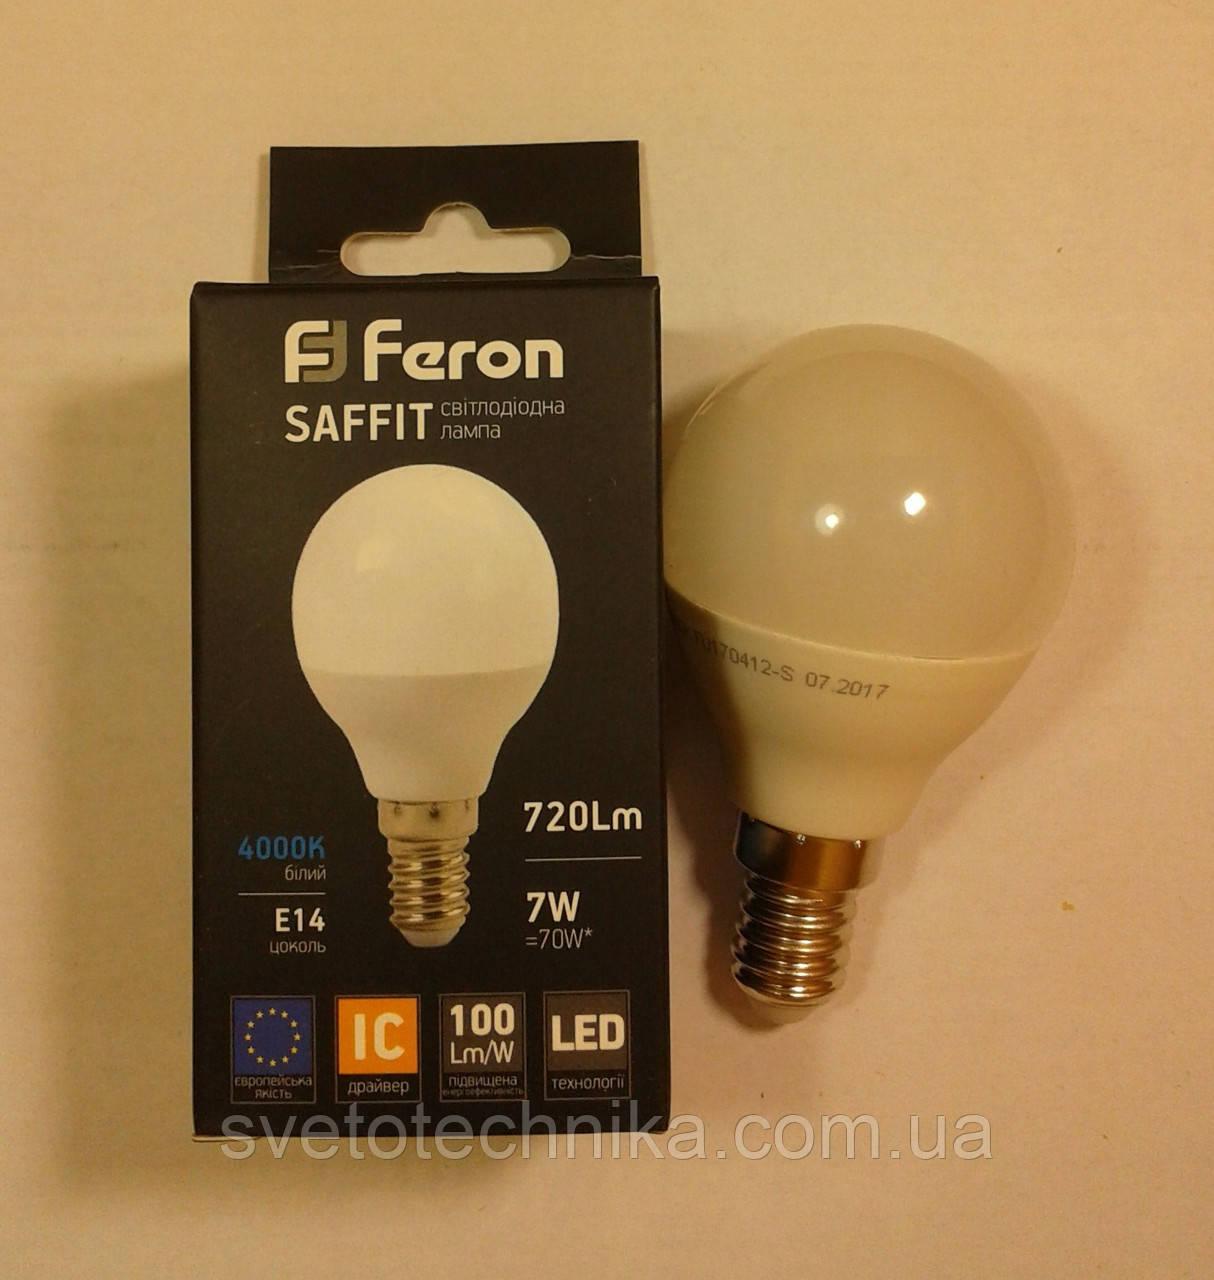 Світлодіодна лампа Feron LB195 E14 7W 4000К